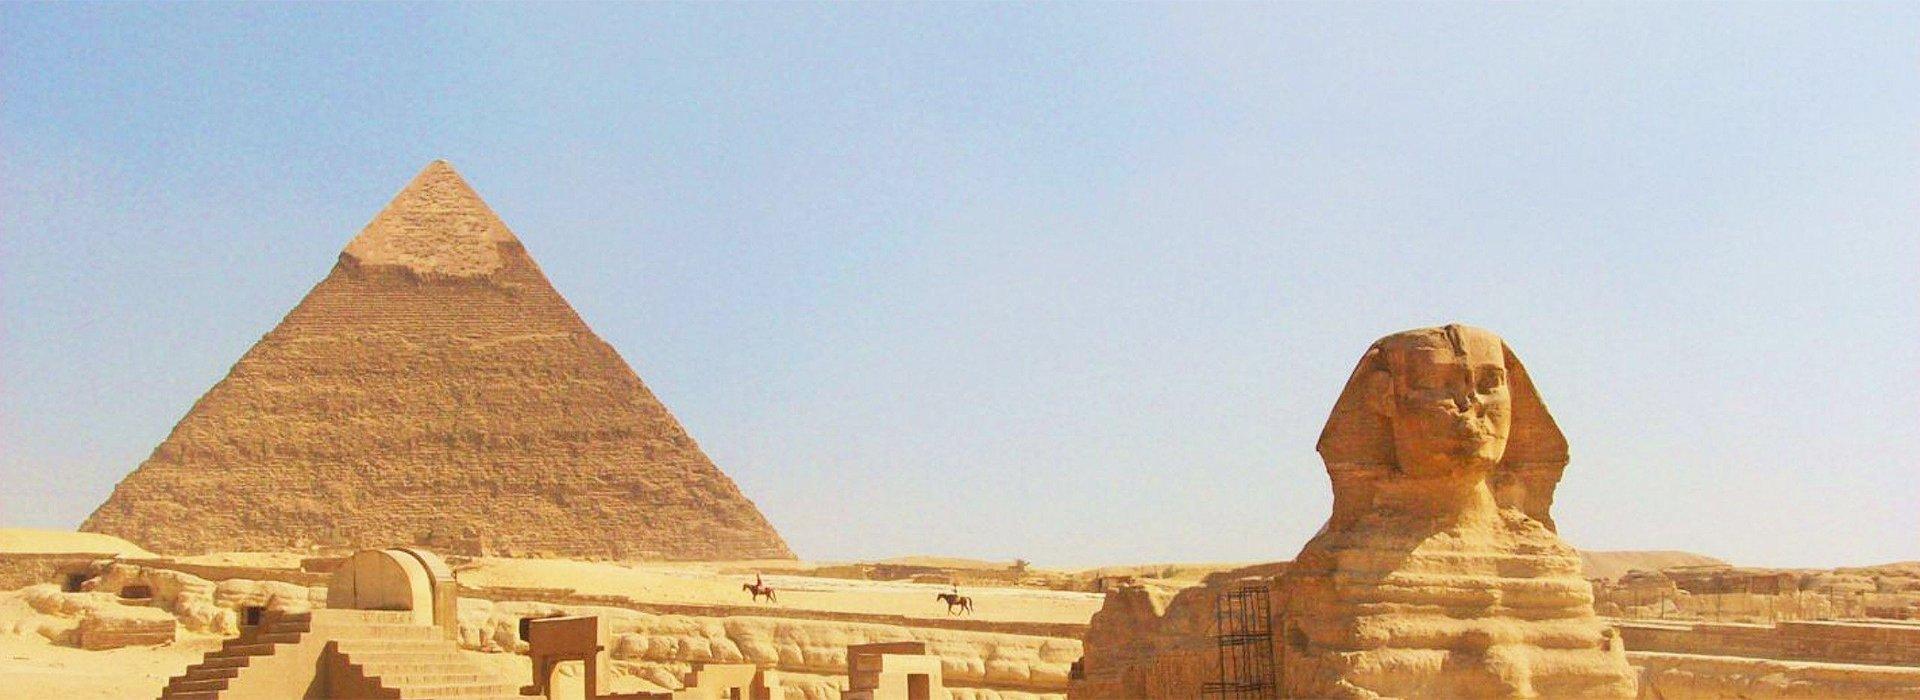 egypte-banner2.jpg